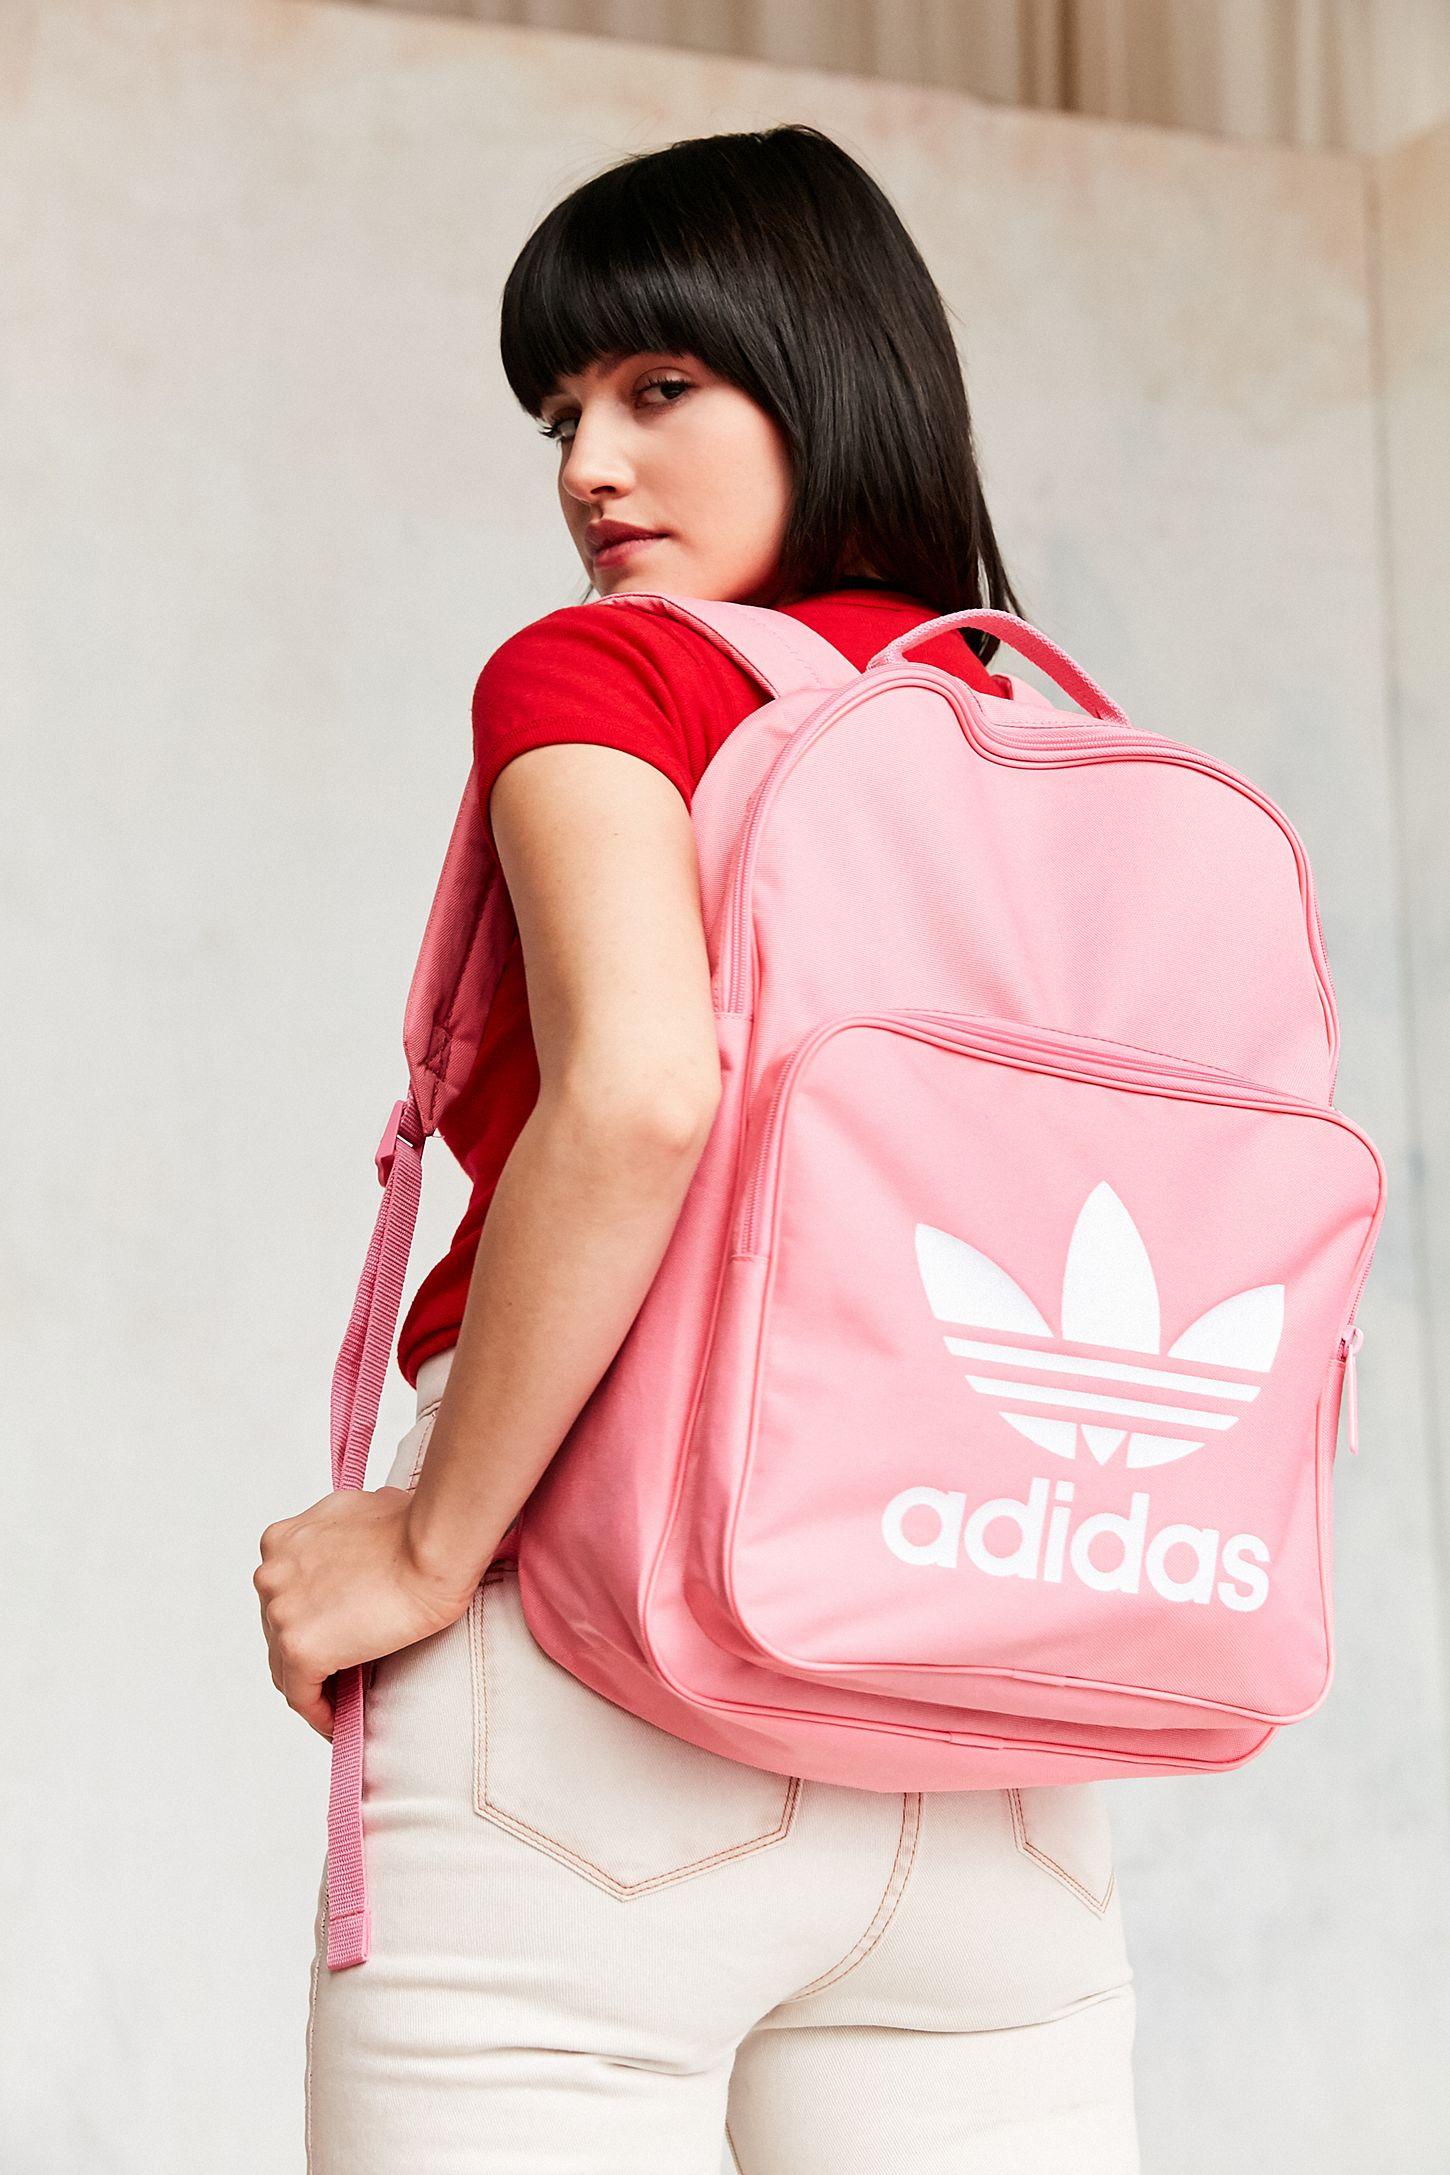 c7a6c5b373 adidas Originals Classic Trefoil Backpack